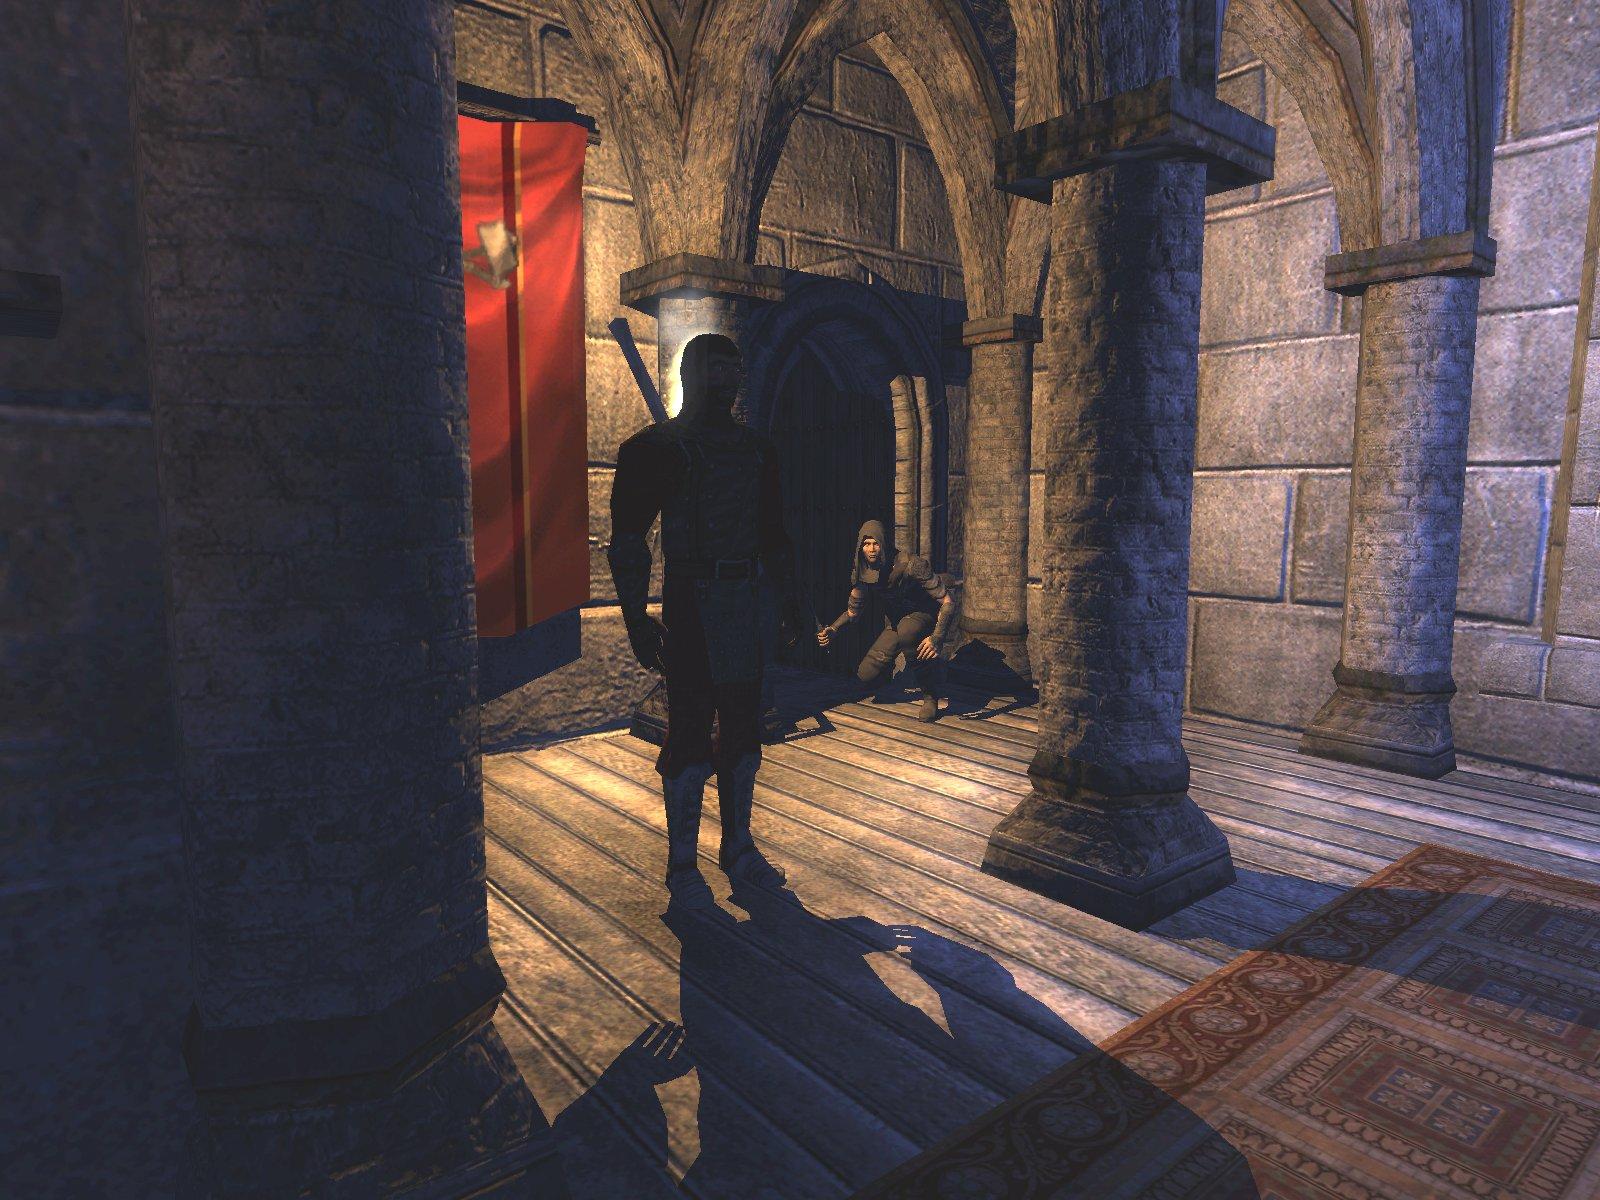 """حصريا:: لعبة الاثاره والمغامره """"hief 3 : Deadly Shadows"""" بحجم 530 ميجا فقط..! وعلى اكثر من سيرفر Thief-deadly-shadows-f"""